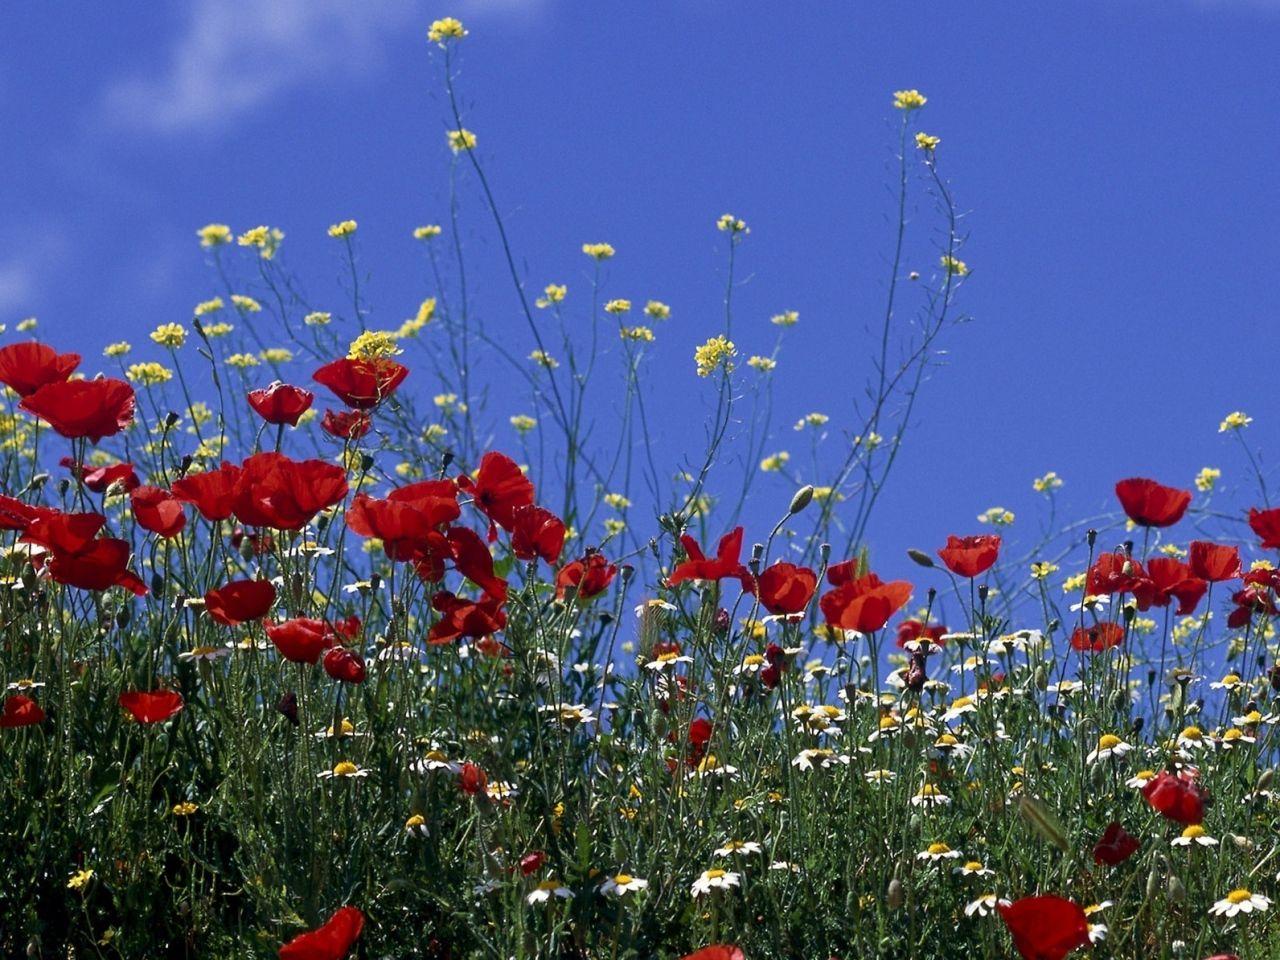 Foto Gratis Flores Fondo Naturaleza: Flores Imágenes Salvajes, Amapolas Fondos De Pantalla